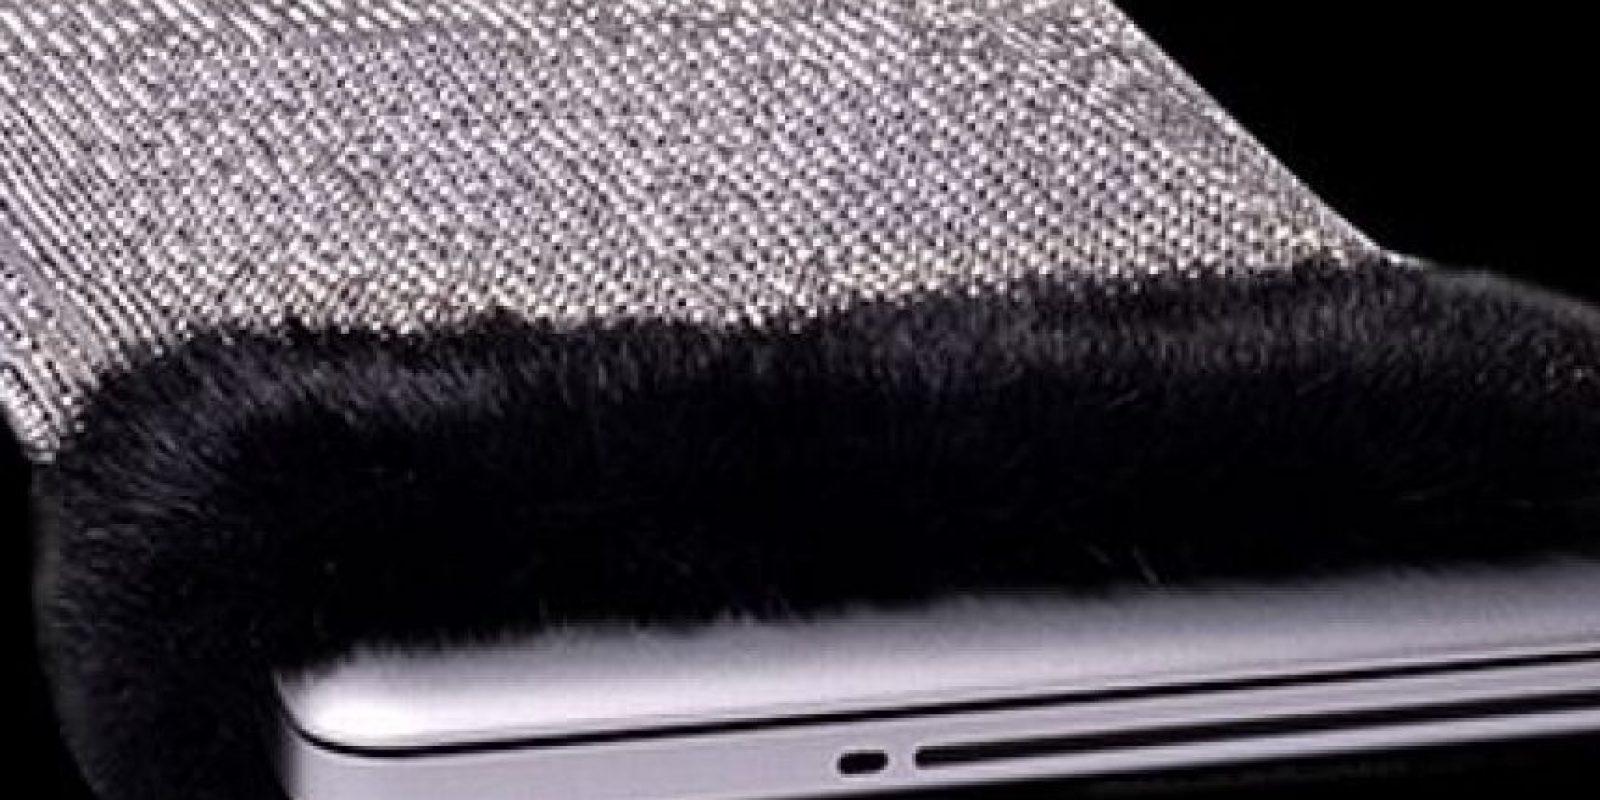 Forro para laptop. 11 millones de dólares Foto:bornrich.com